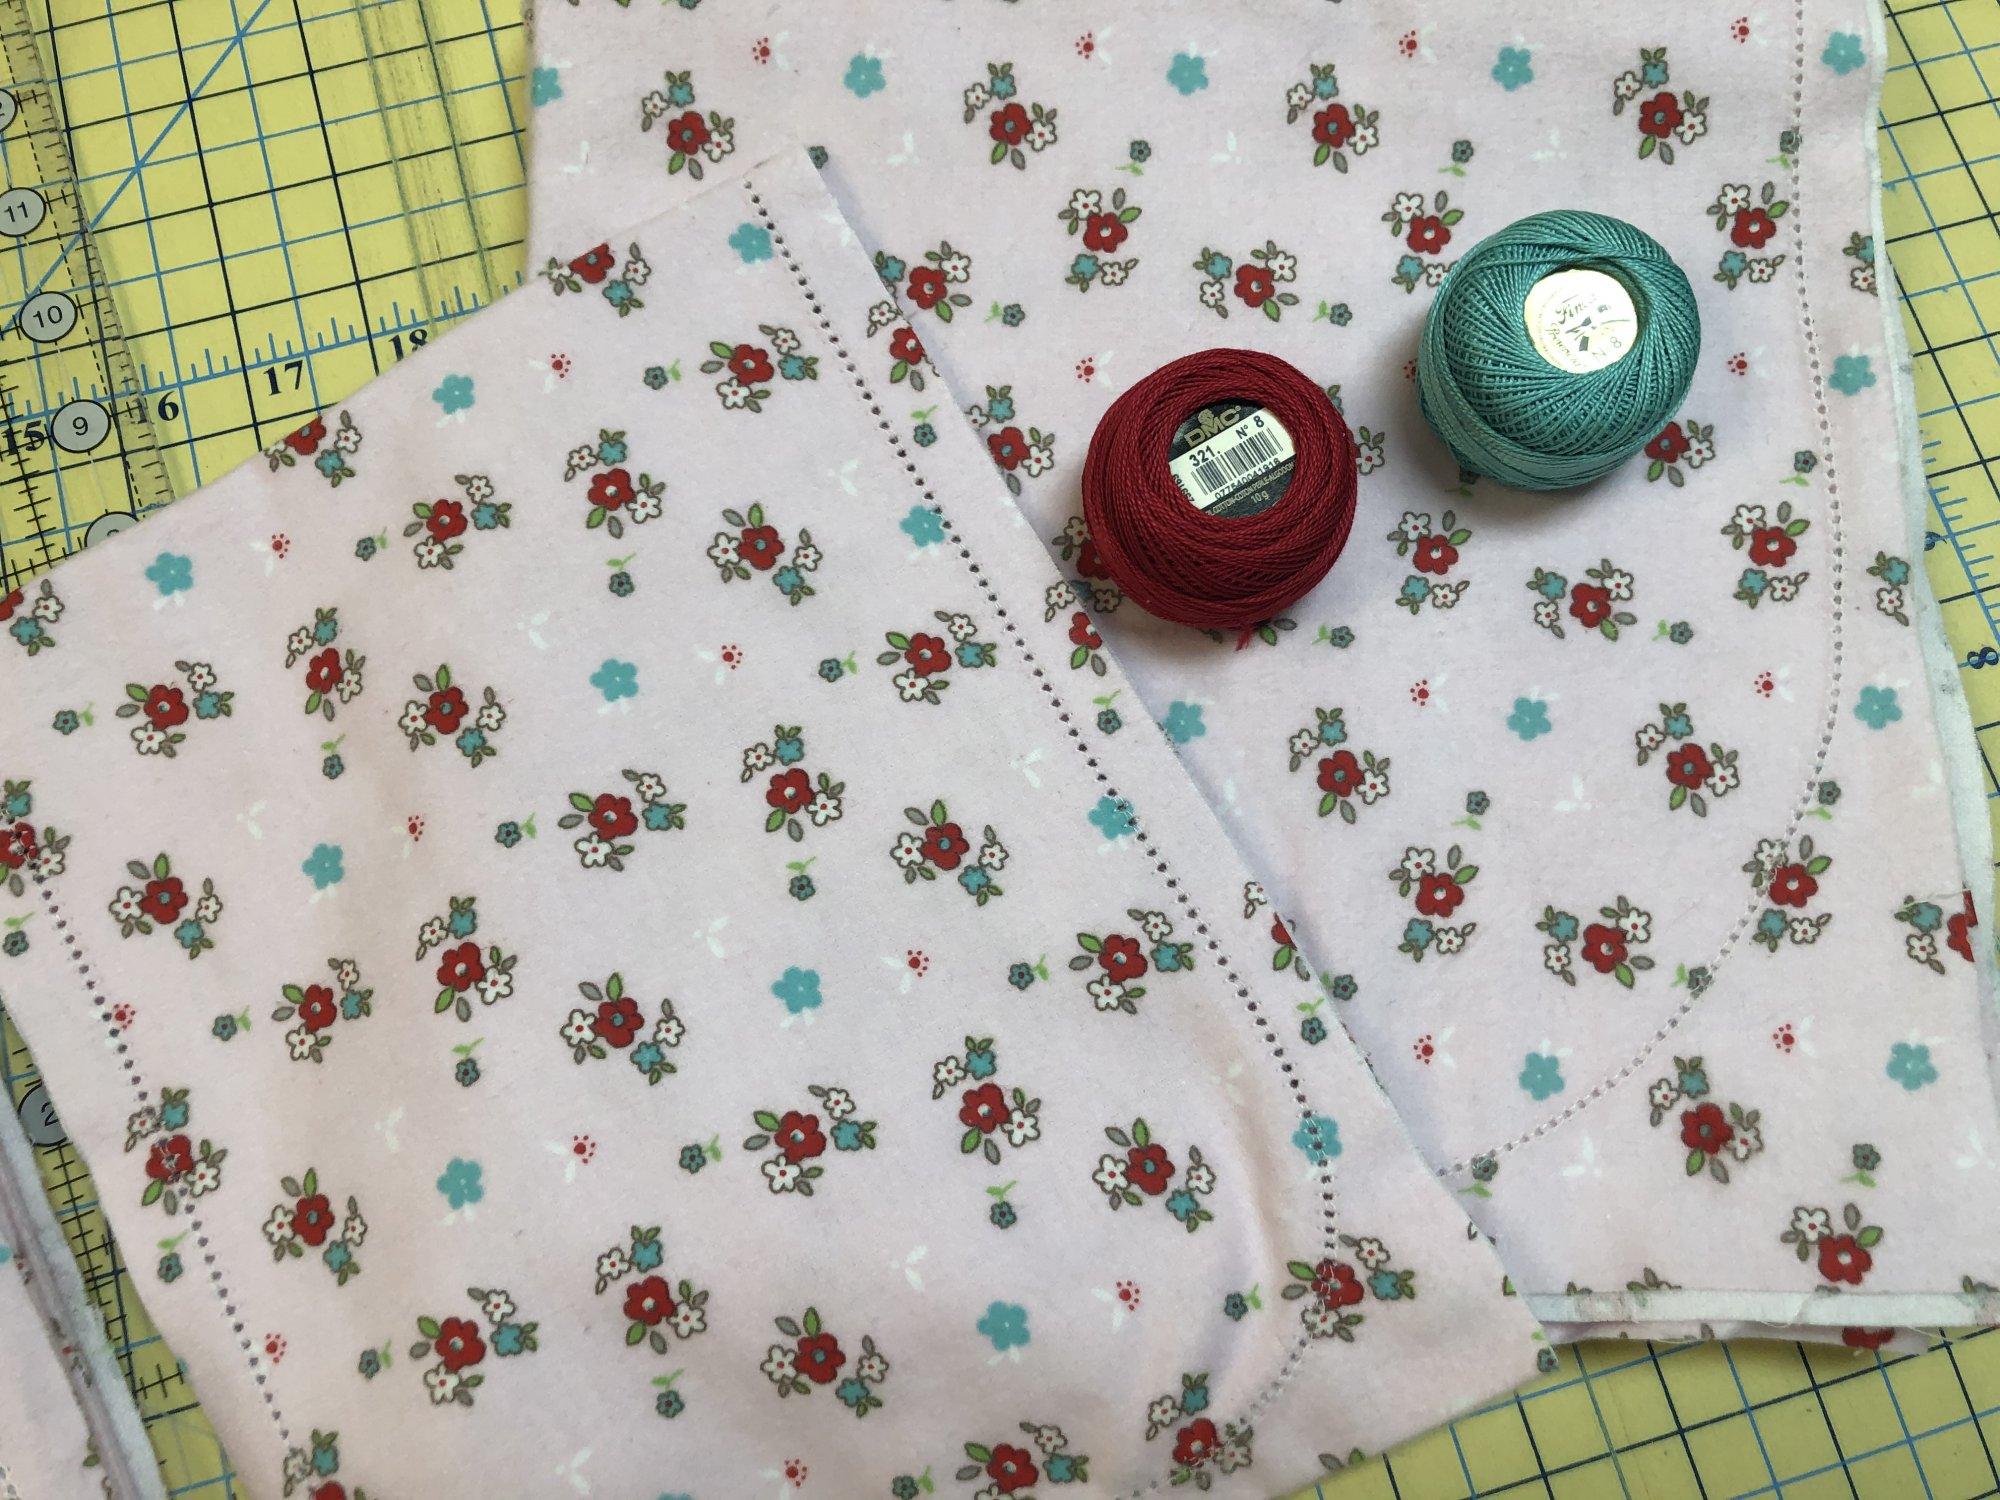 Little Floral Pink Hemstitched Flannel